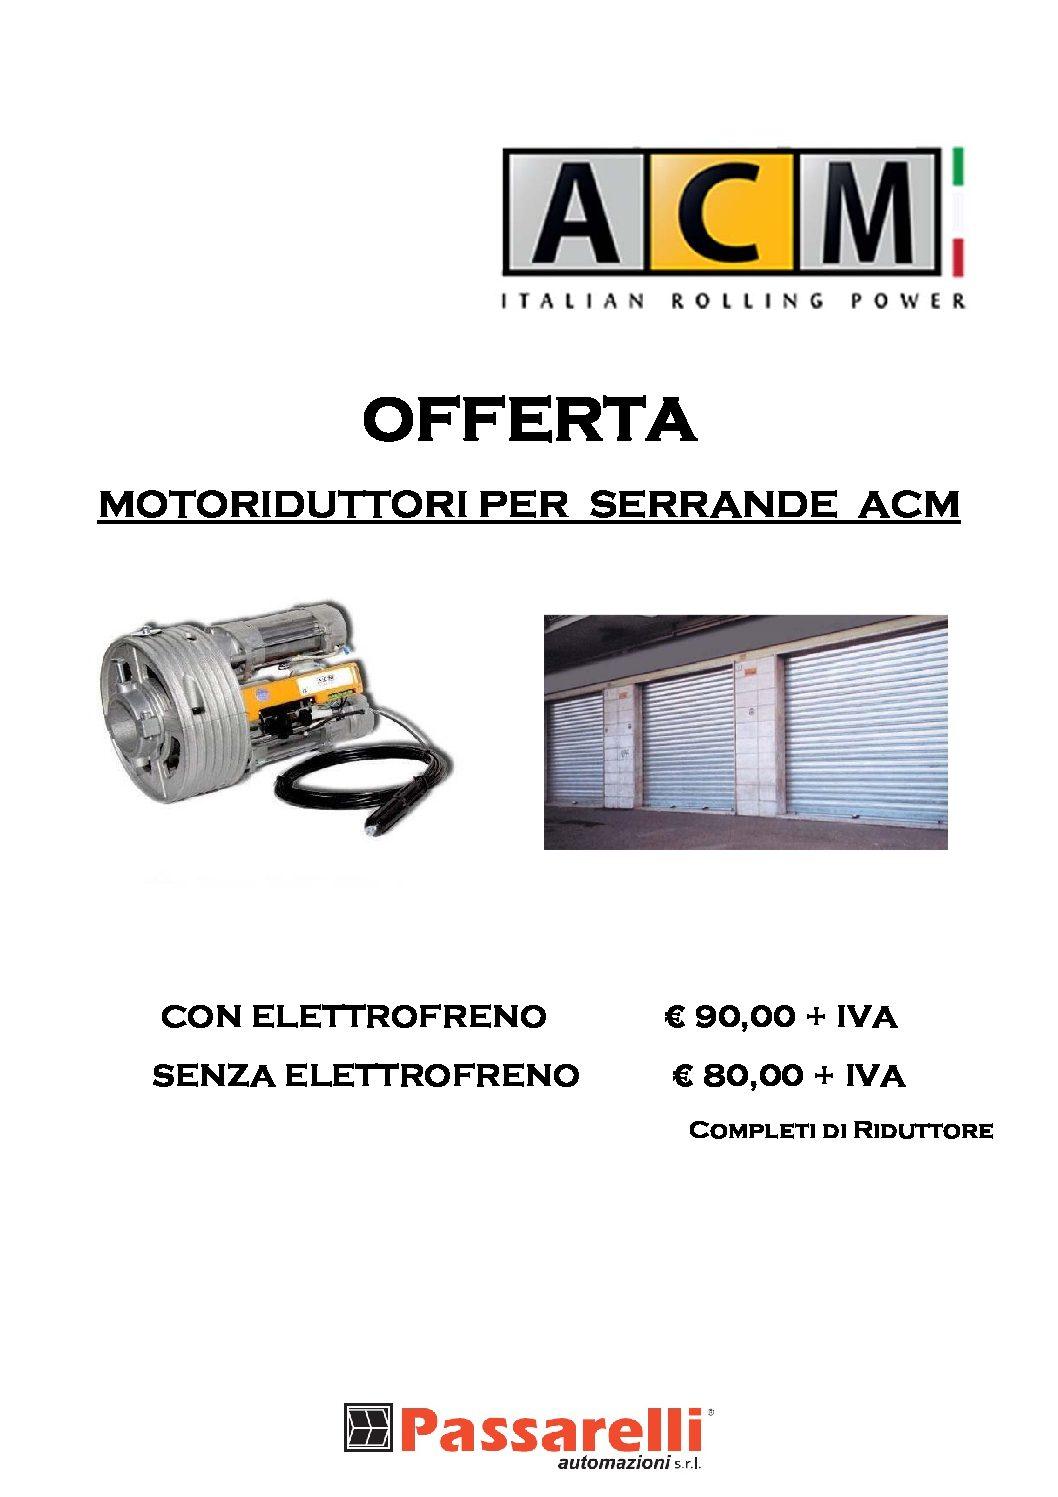 promo-motoriduttori-per-serrande-acm